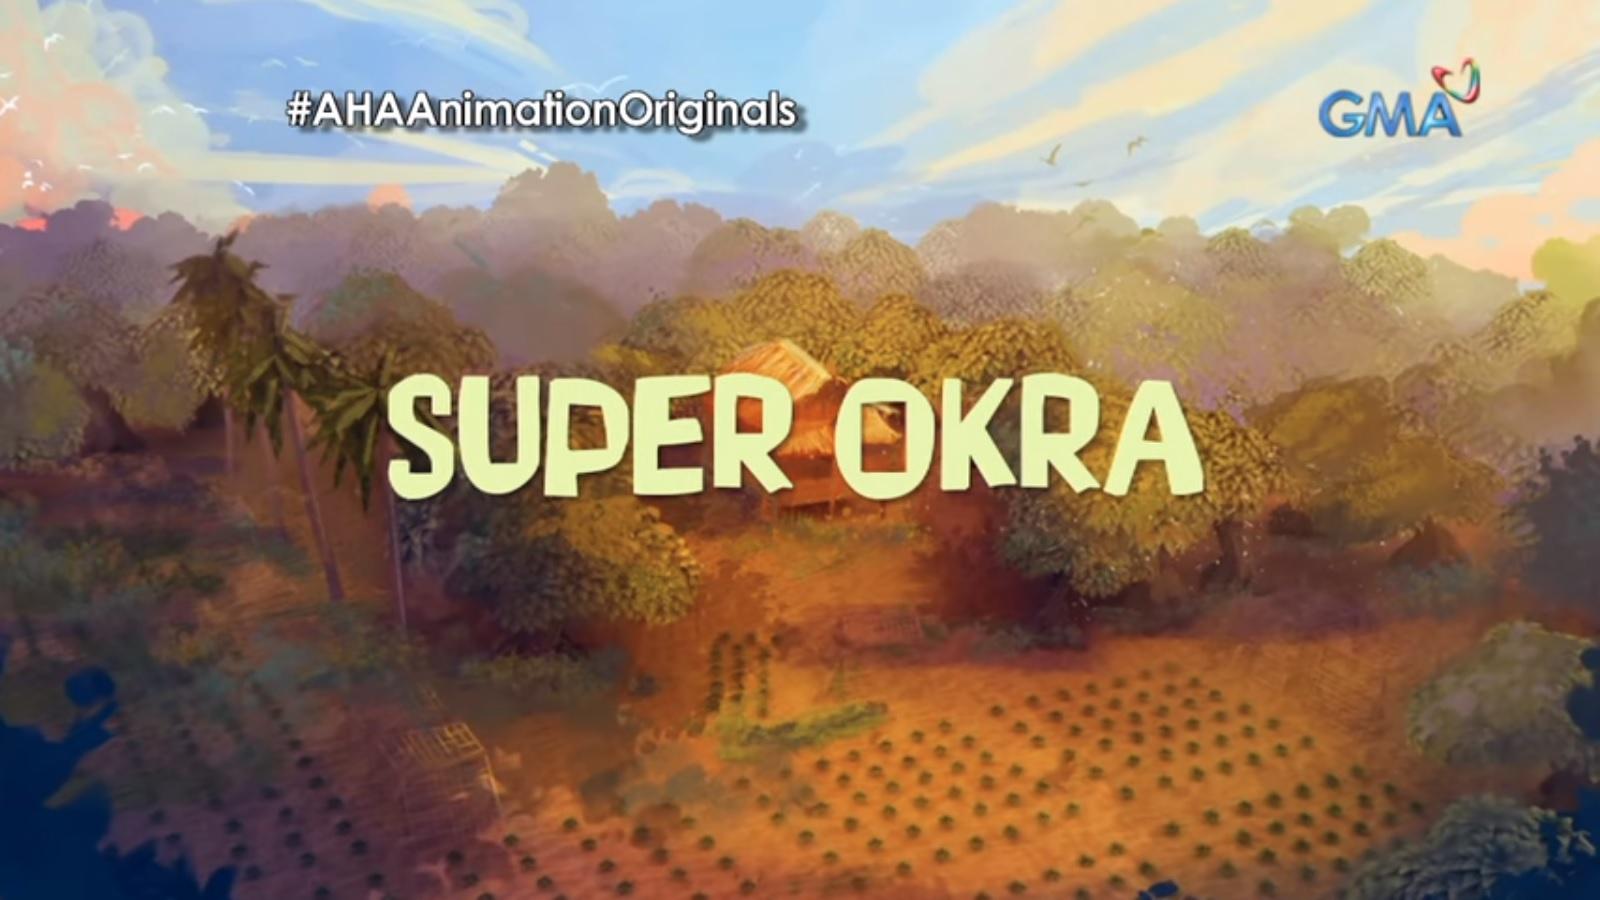 CIIT Philippines' Super Okra full segment